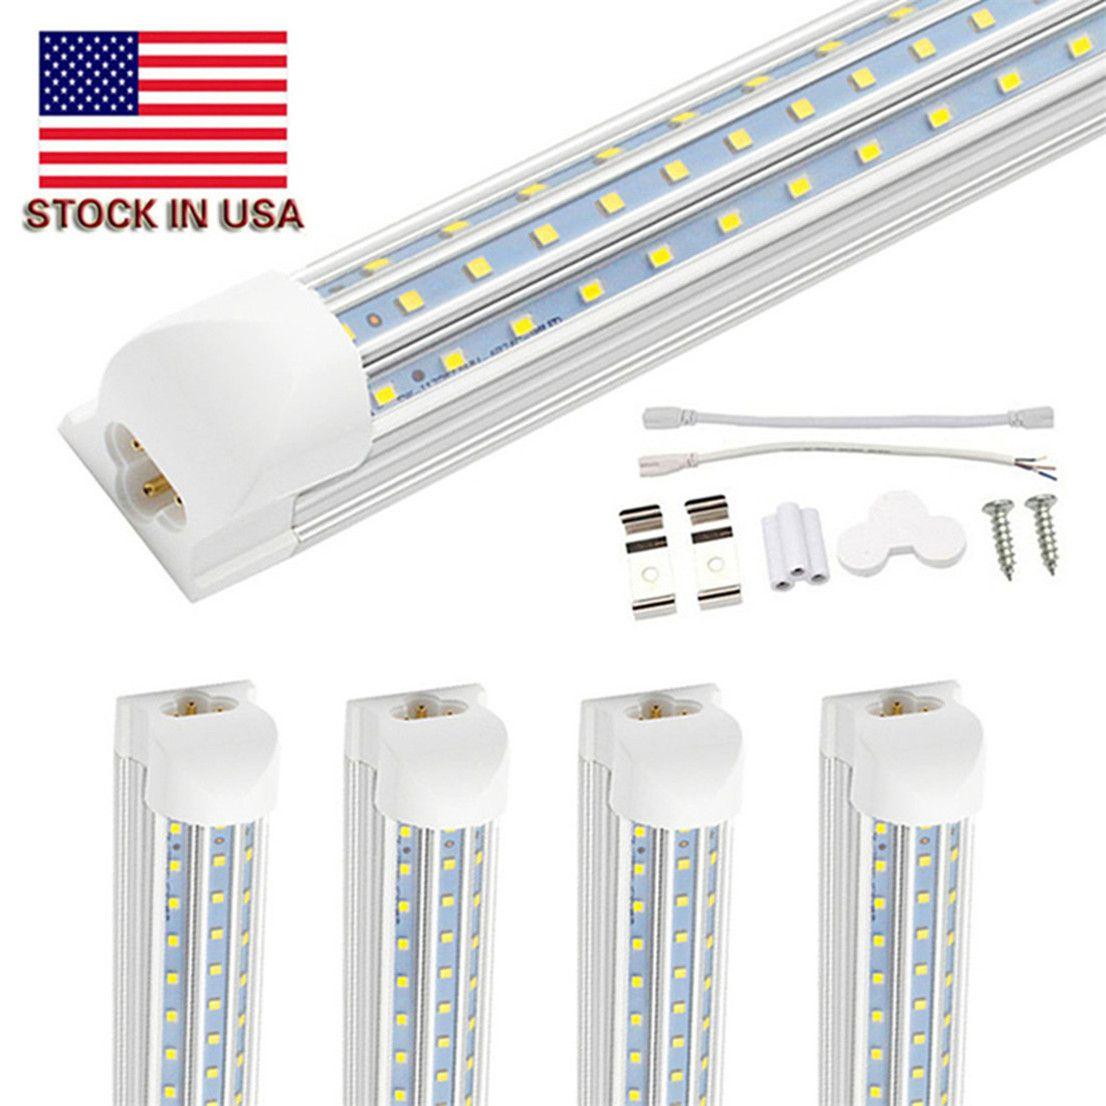 8ft T8 Led Tubes Light 4ft 5ft 6ft 8ft 120W V Shaped Led Cooler Door Tubes Lighting Freezer 3 row shop lights fixture